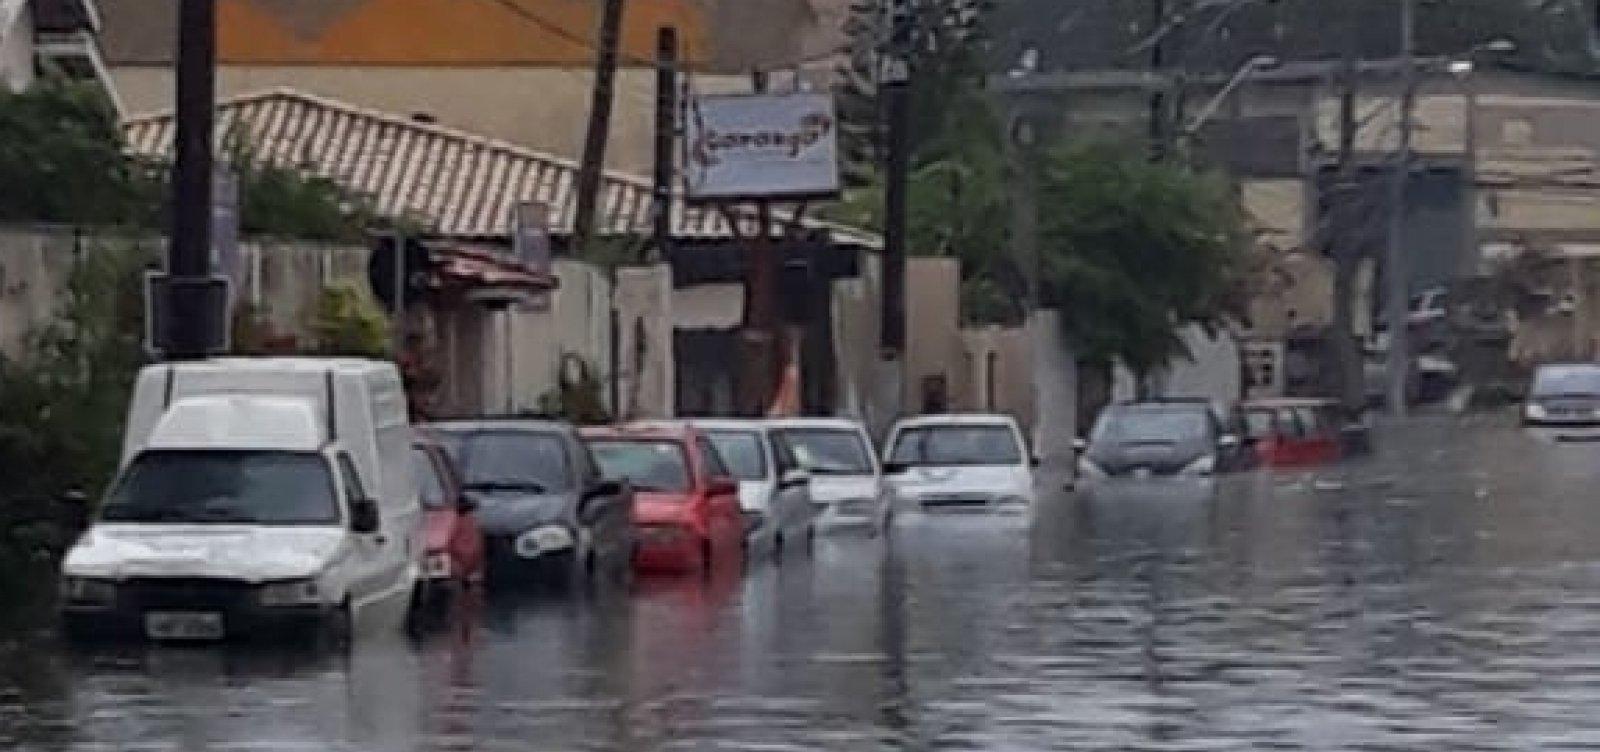 [Defesa Civil recebe 50 solicitações devido à chuva]